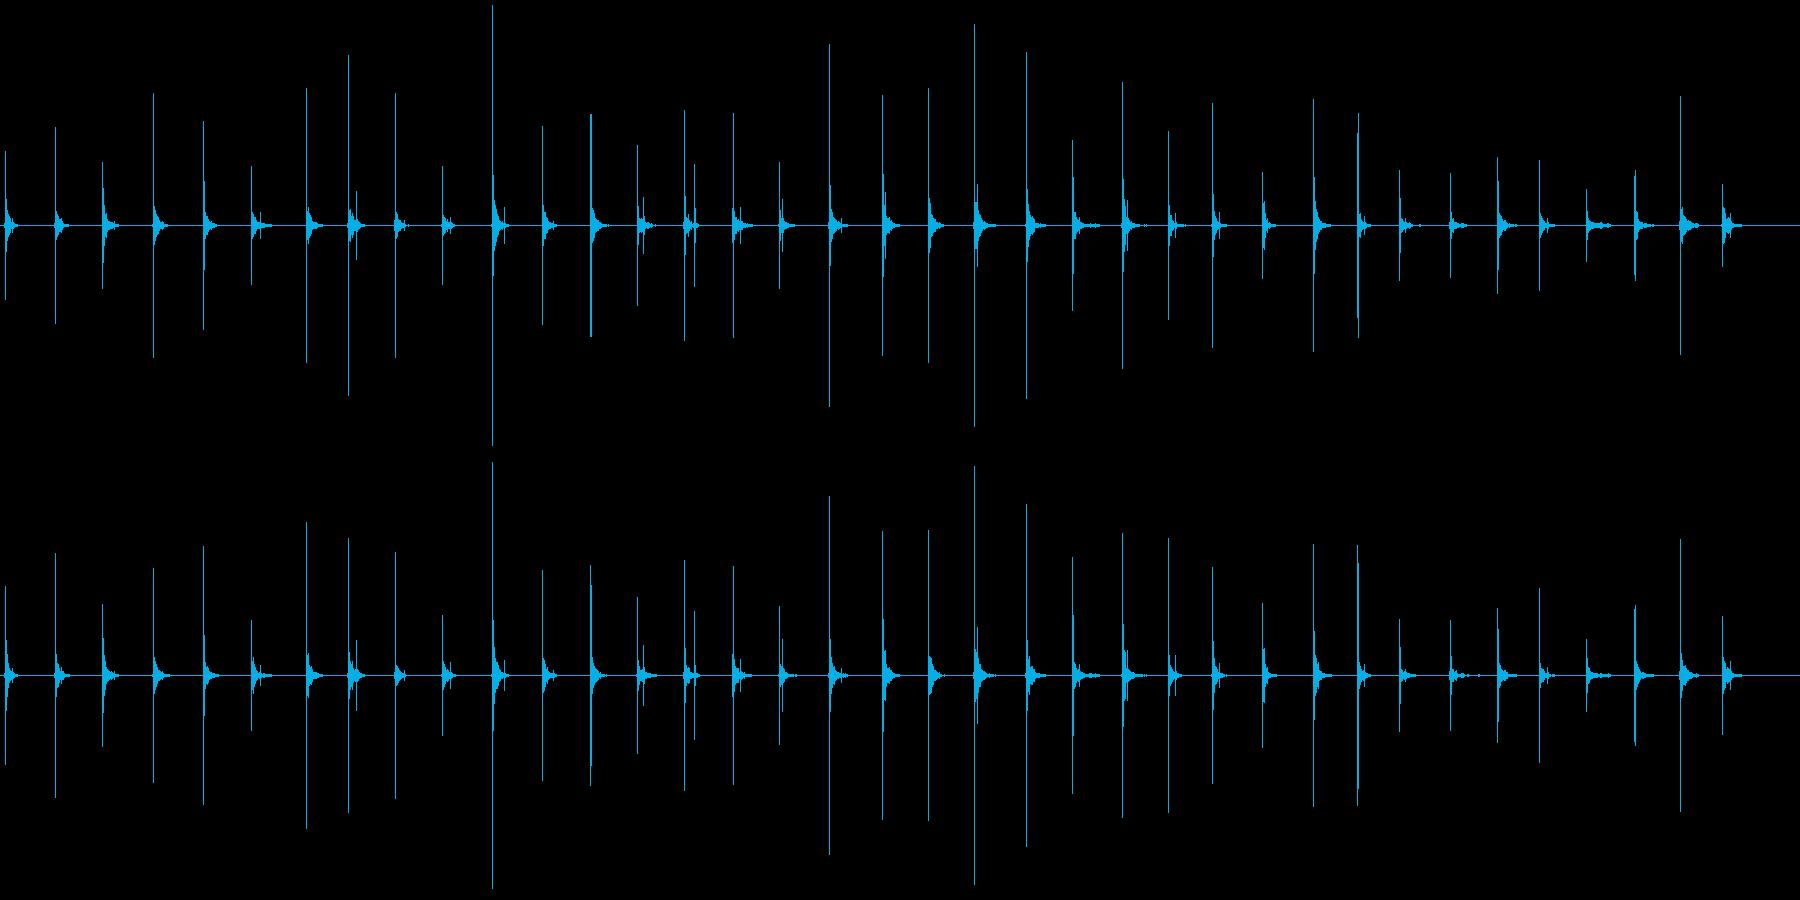 恐怖シリーズ8.ハイヒールで歩く音の再生済みの波形